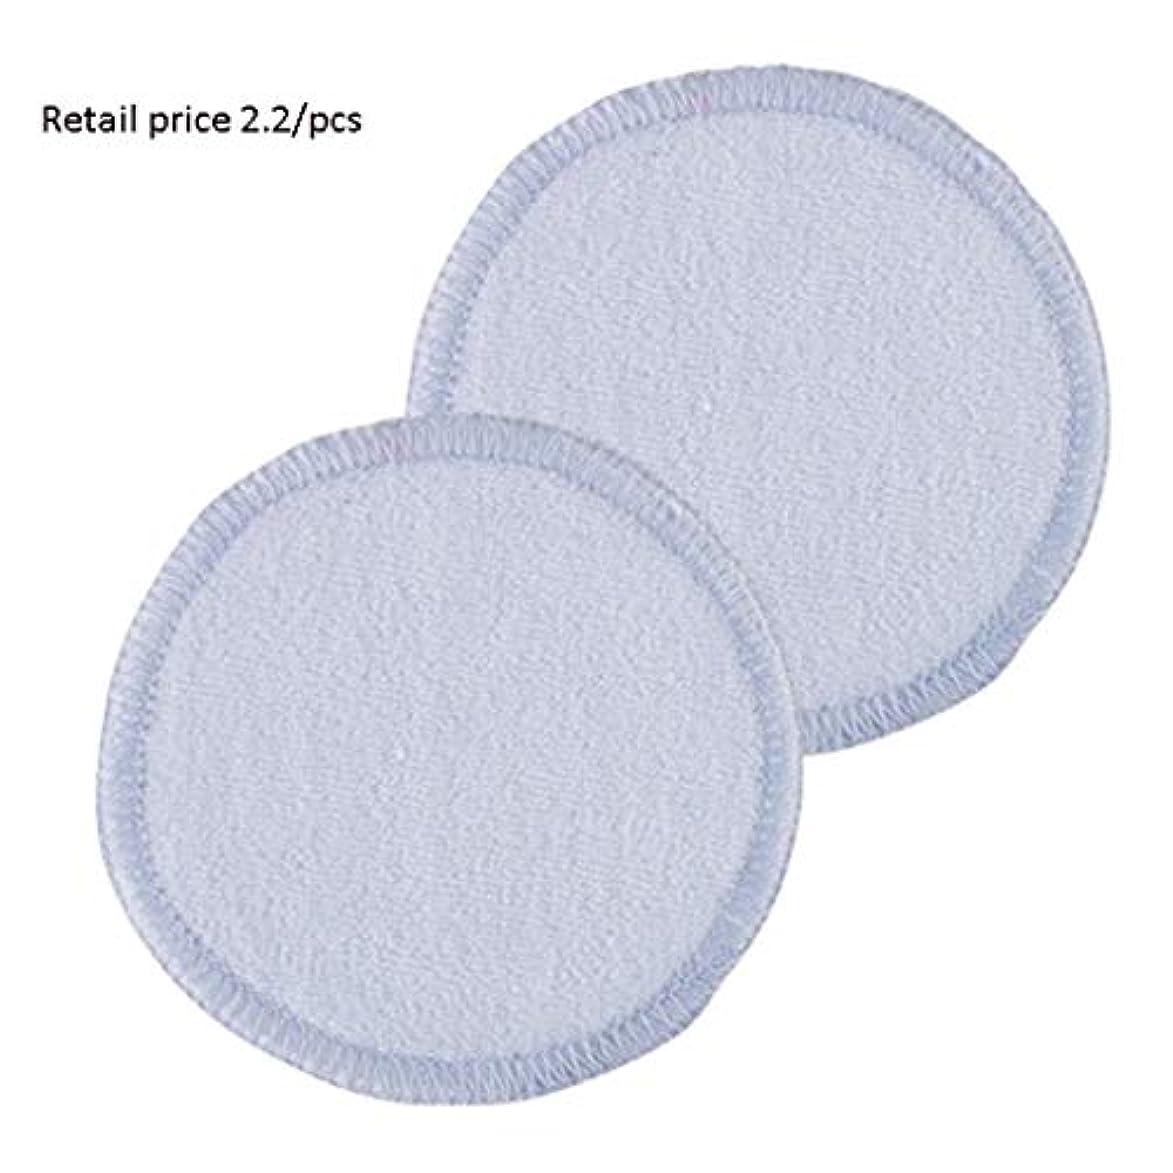 結婚食堂保育園クレンジングシート 再利用可能な洗える8センチラウンドクレンジングコットンパッド、収納バッグ付き4色、ランドリー製品用スキンケア製品 (Color : Blue, サイズ : 8cm)